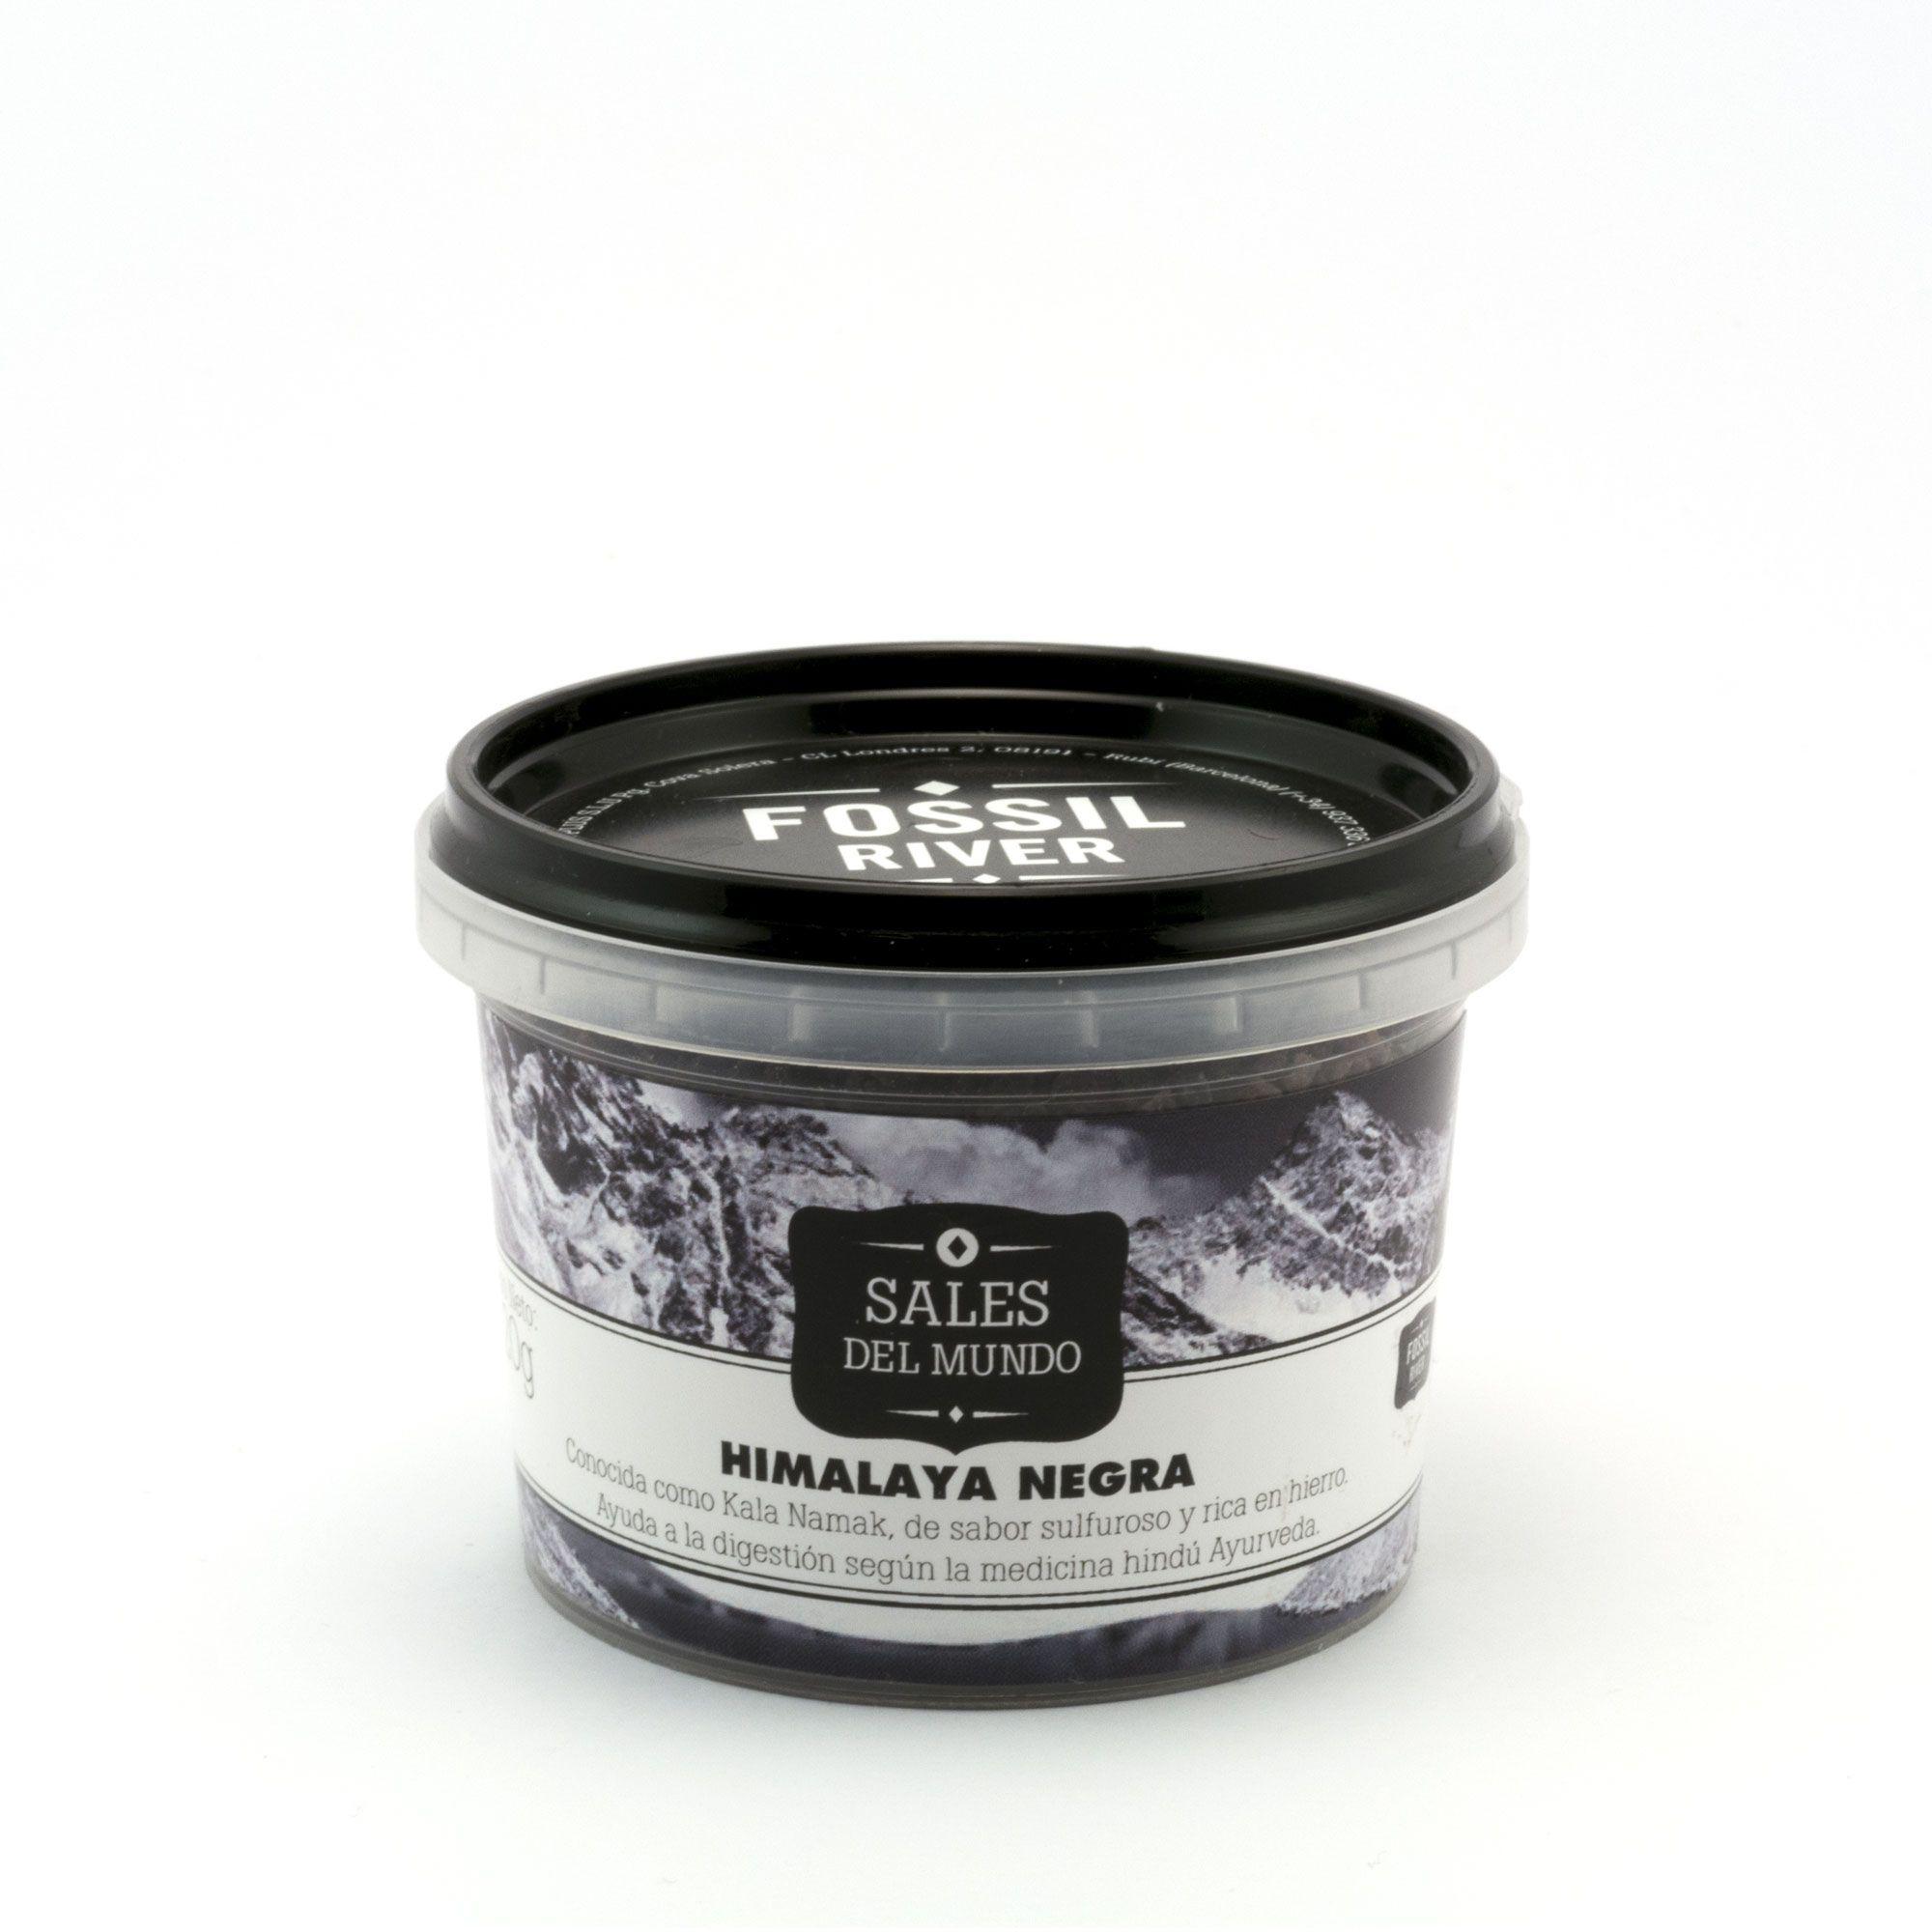 Himalaya Negra